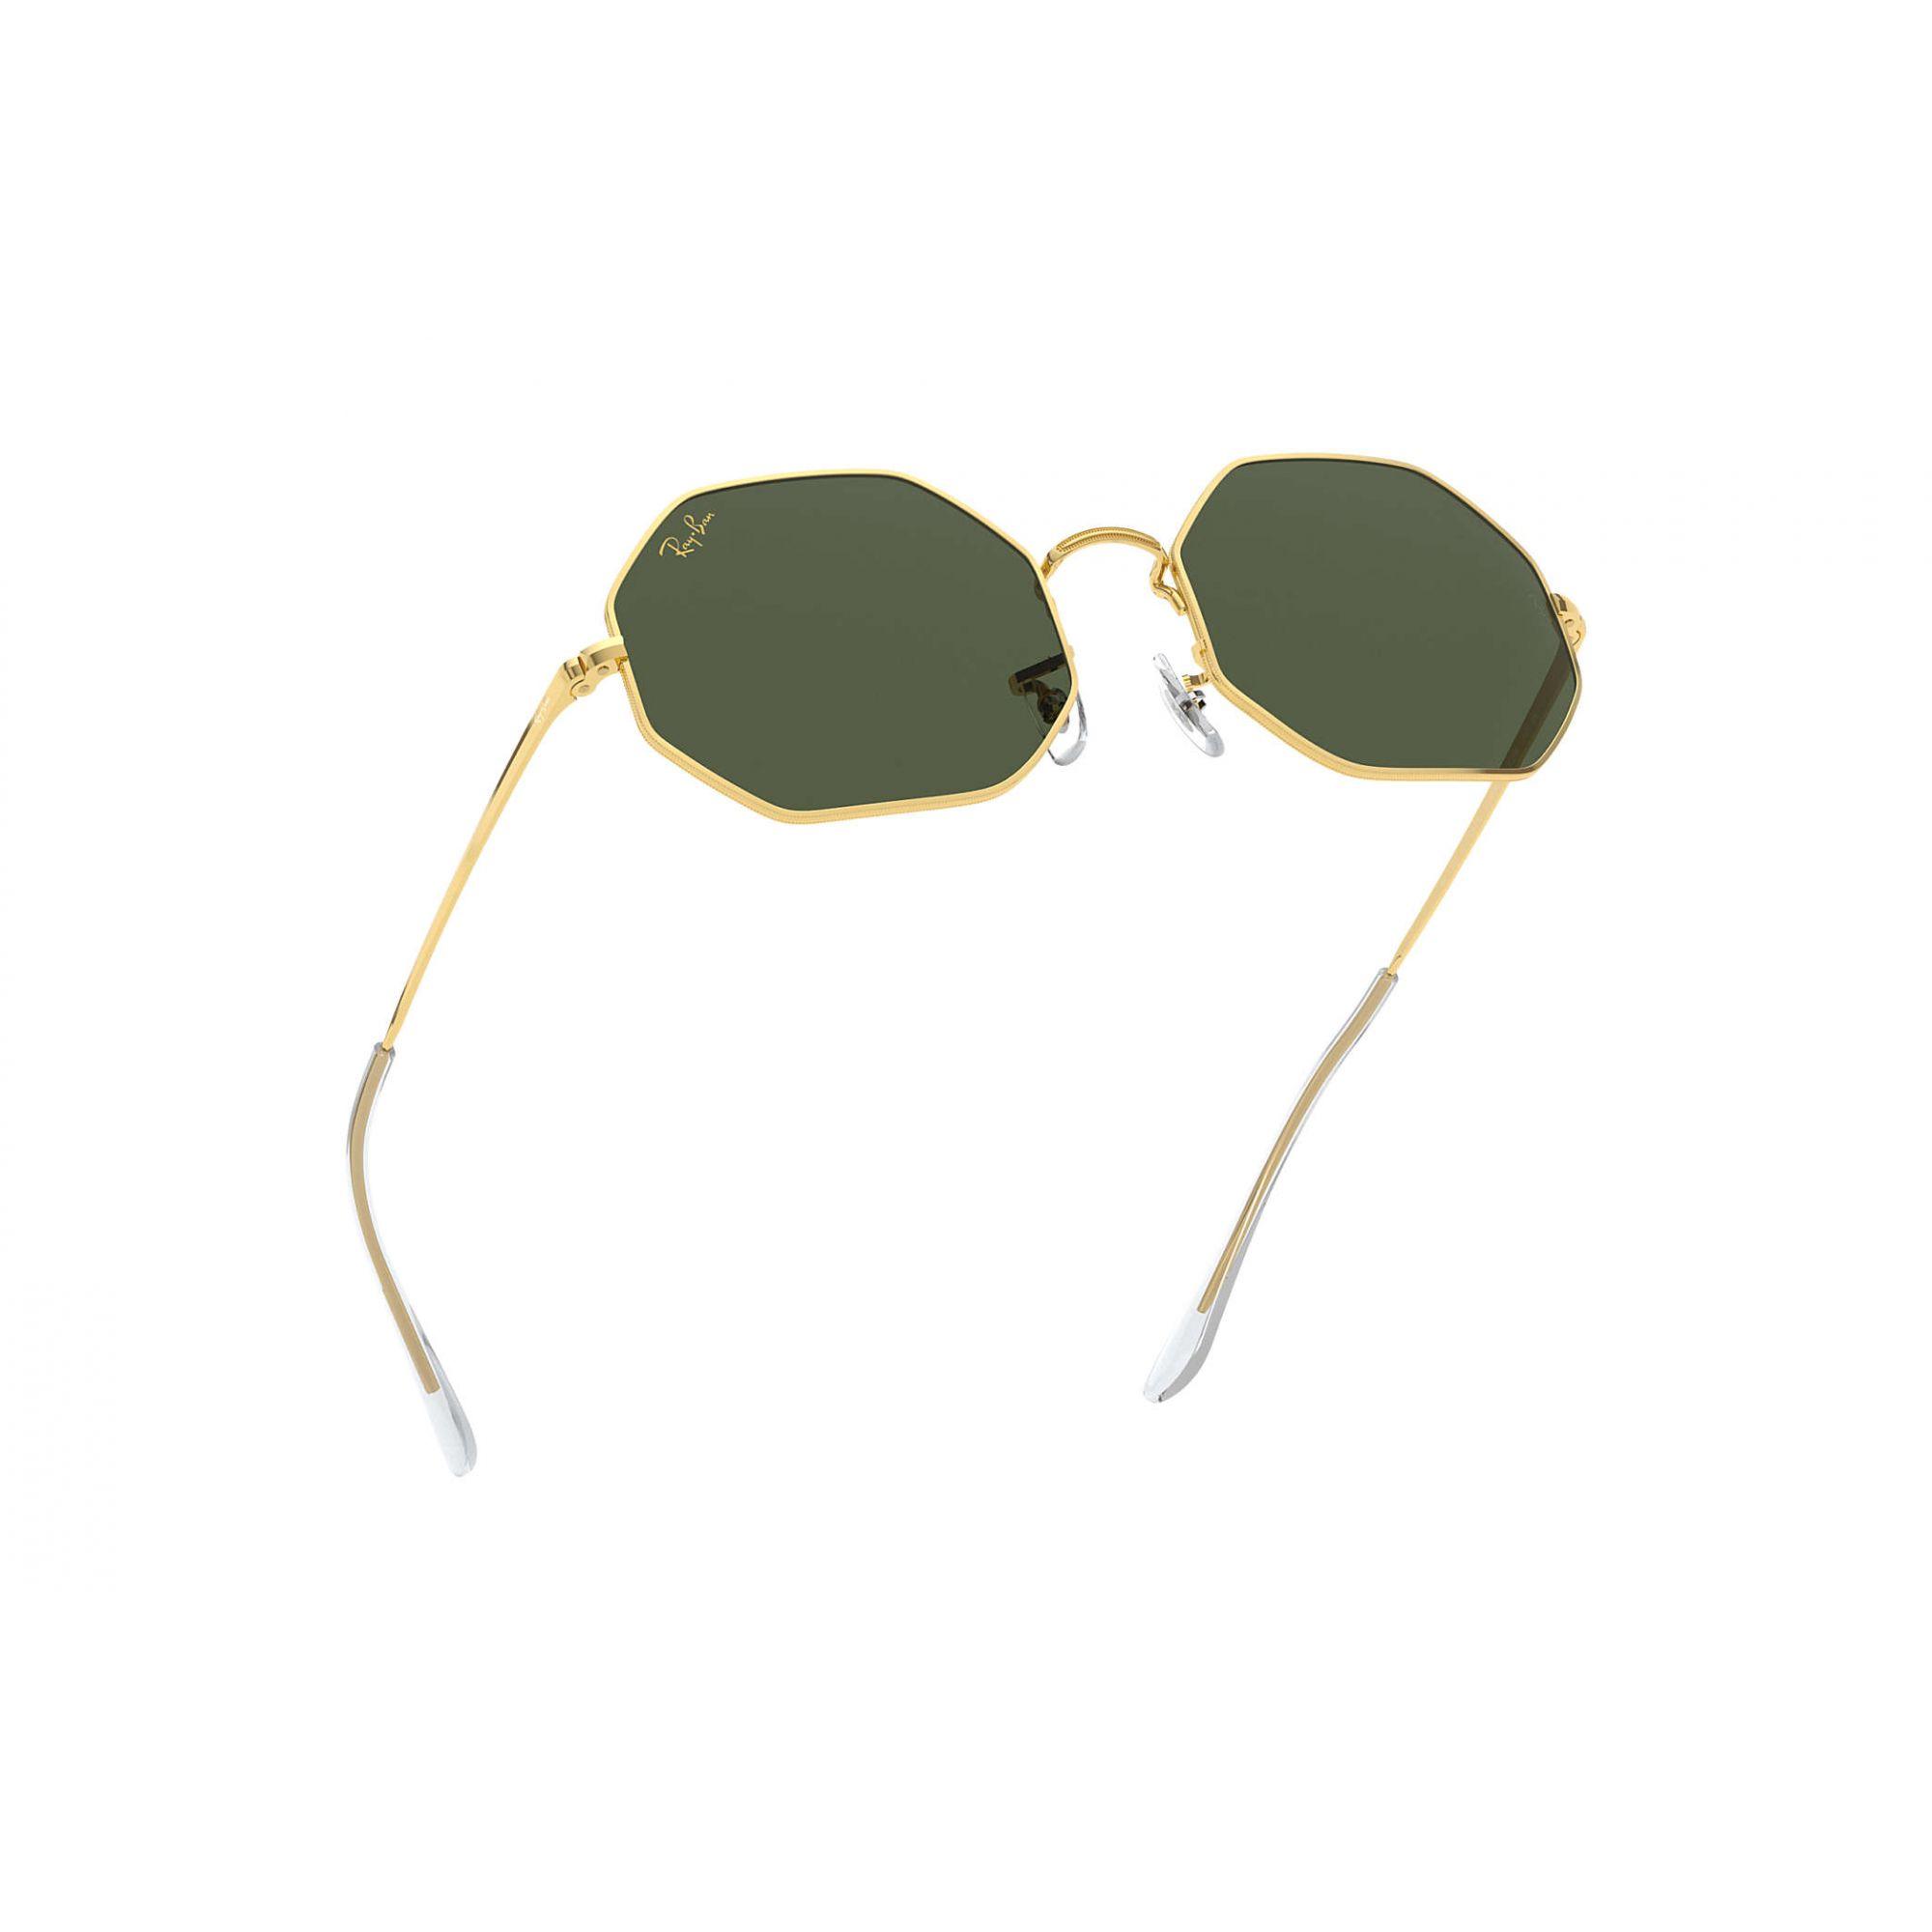 Ray Ban - RB1972 919631 - Óculos de sol